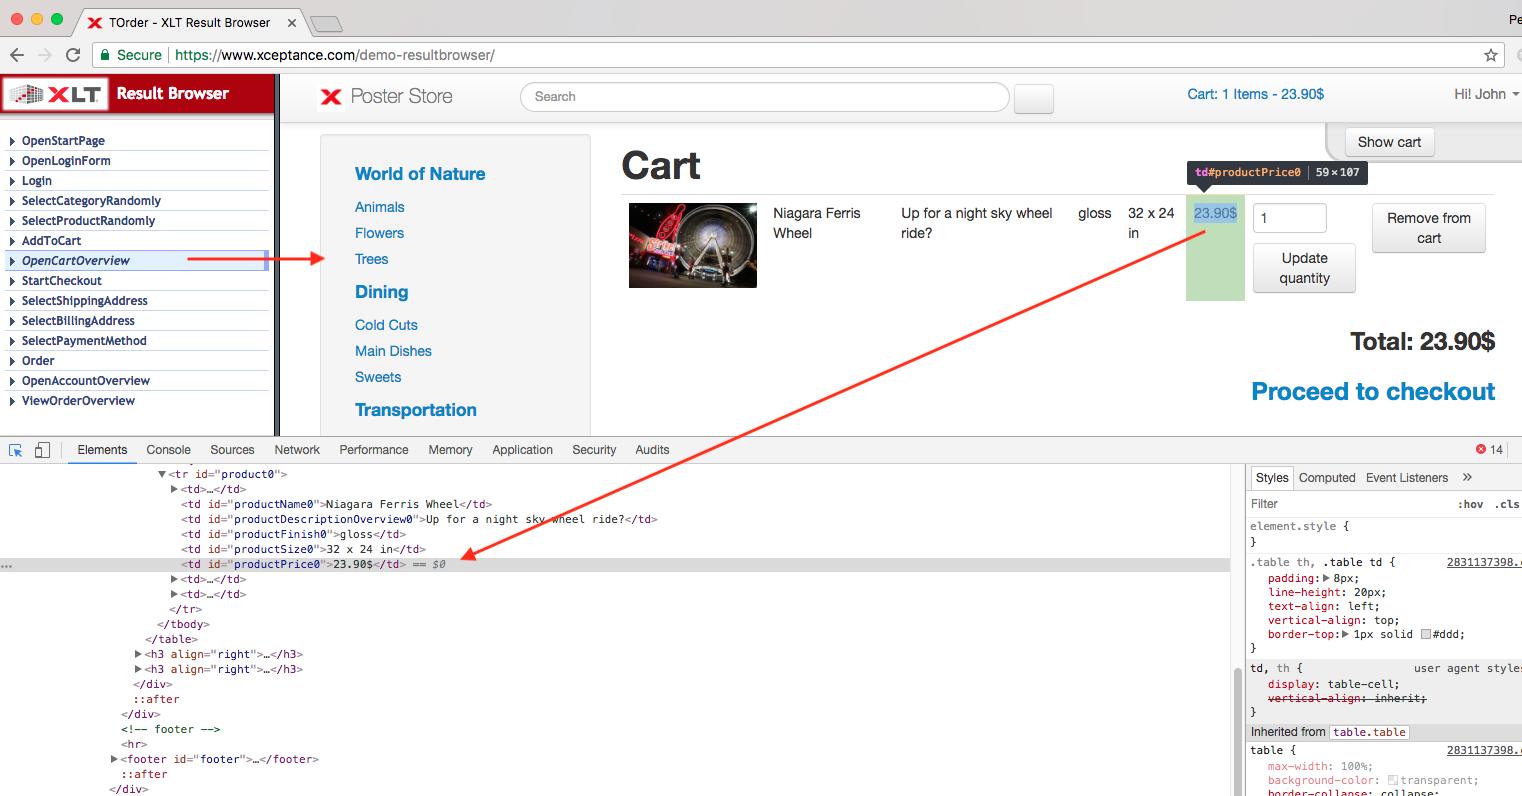 Result Browser Element Inspection